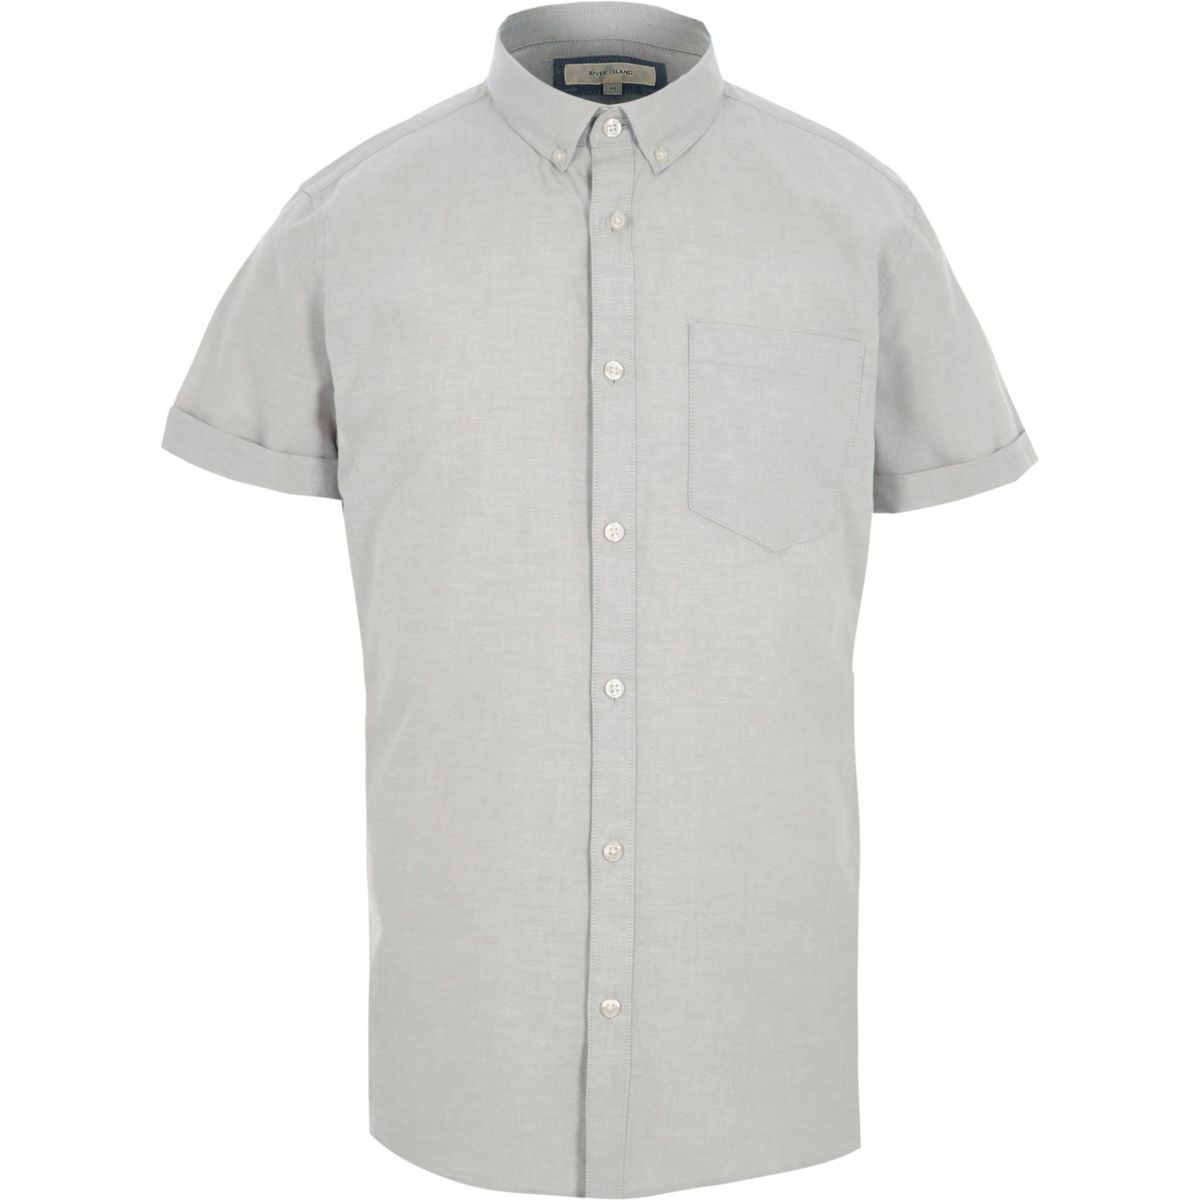 Light camel short sleeve shirt